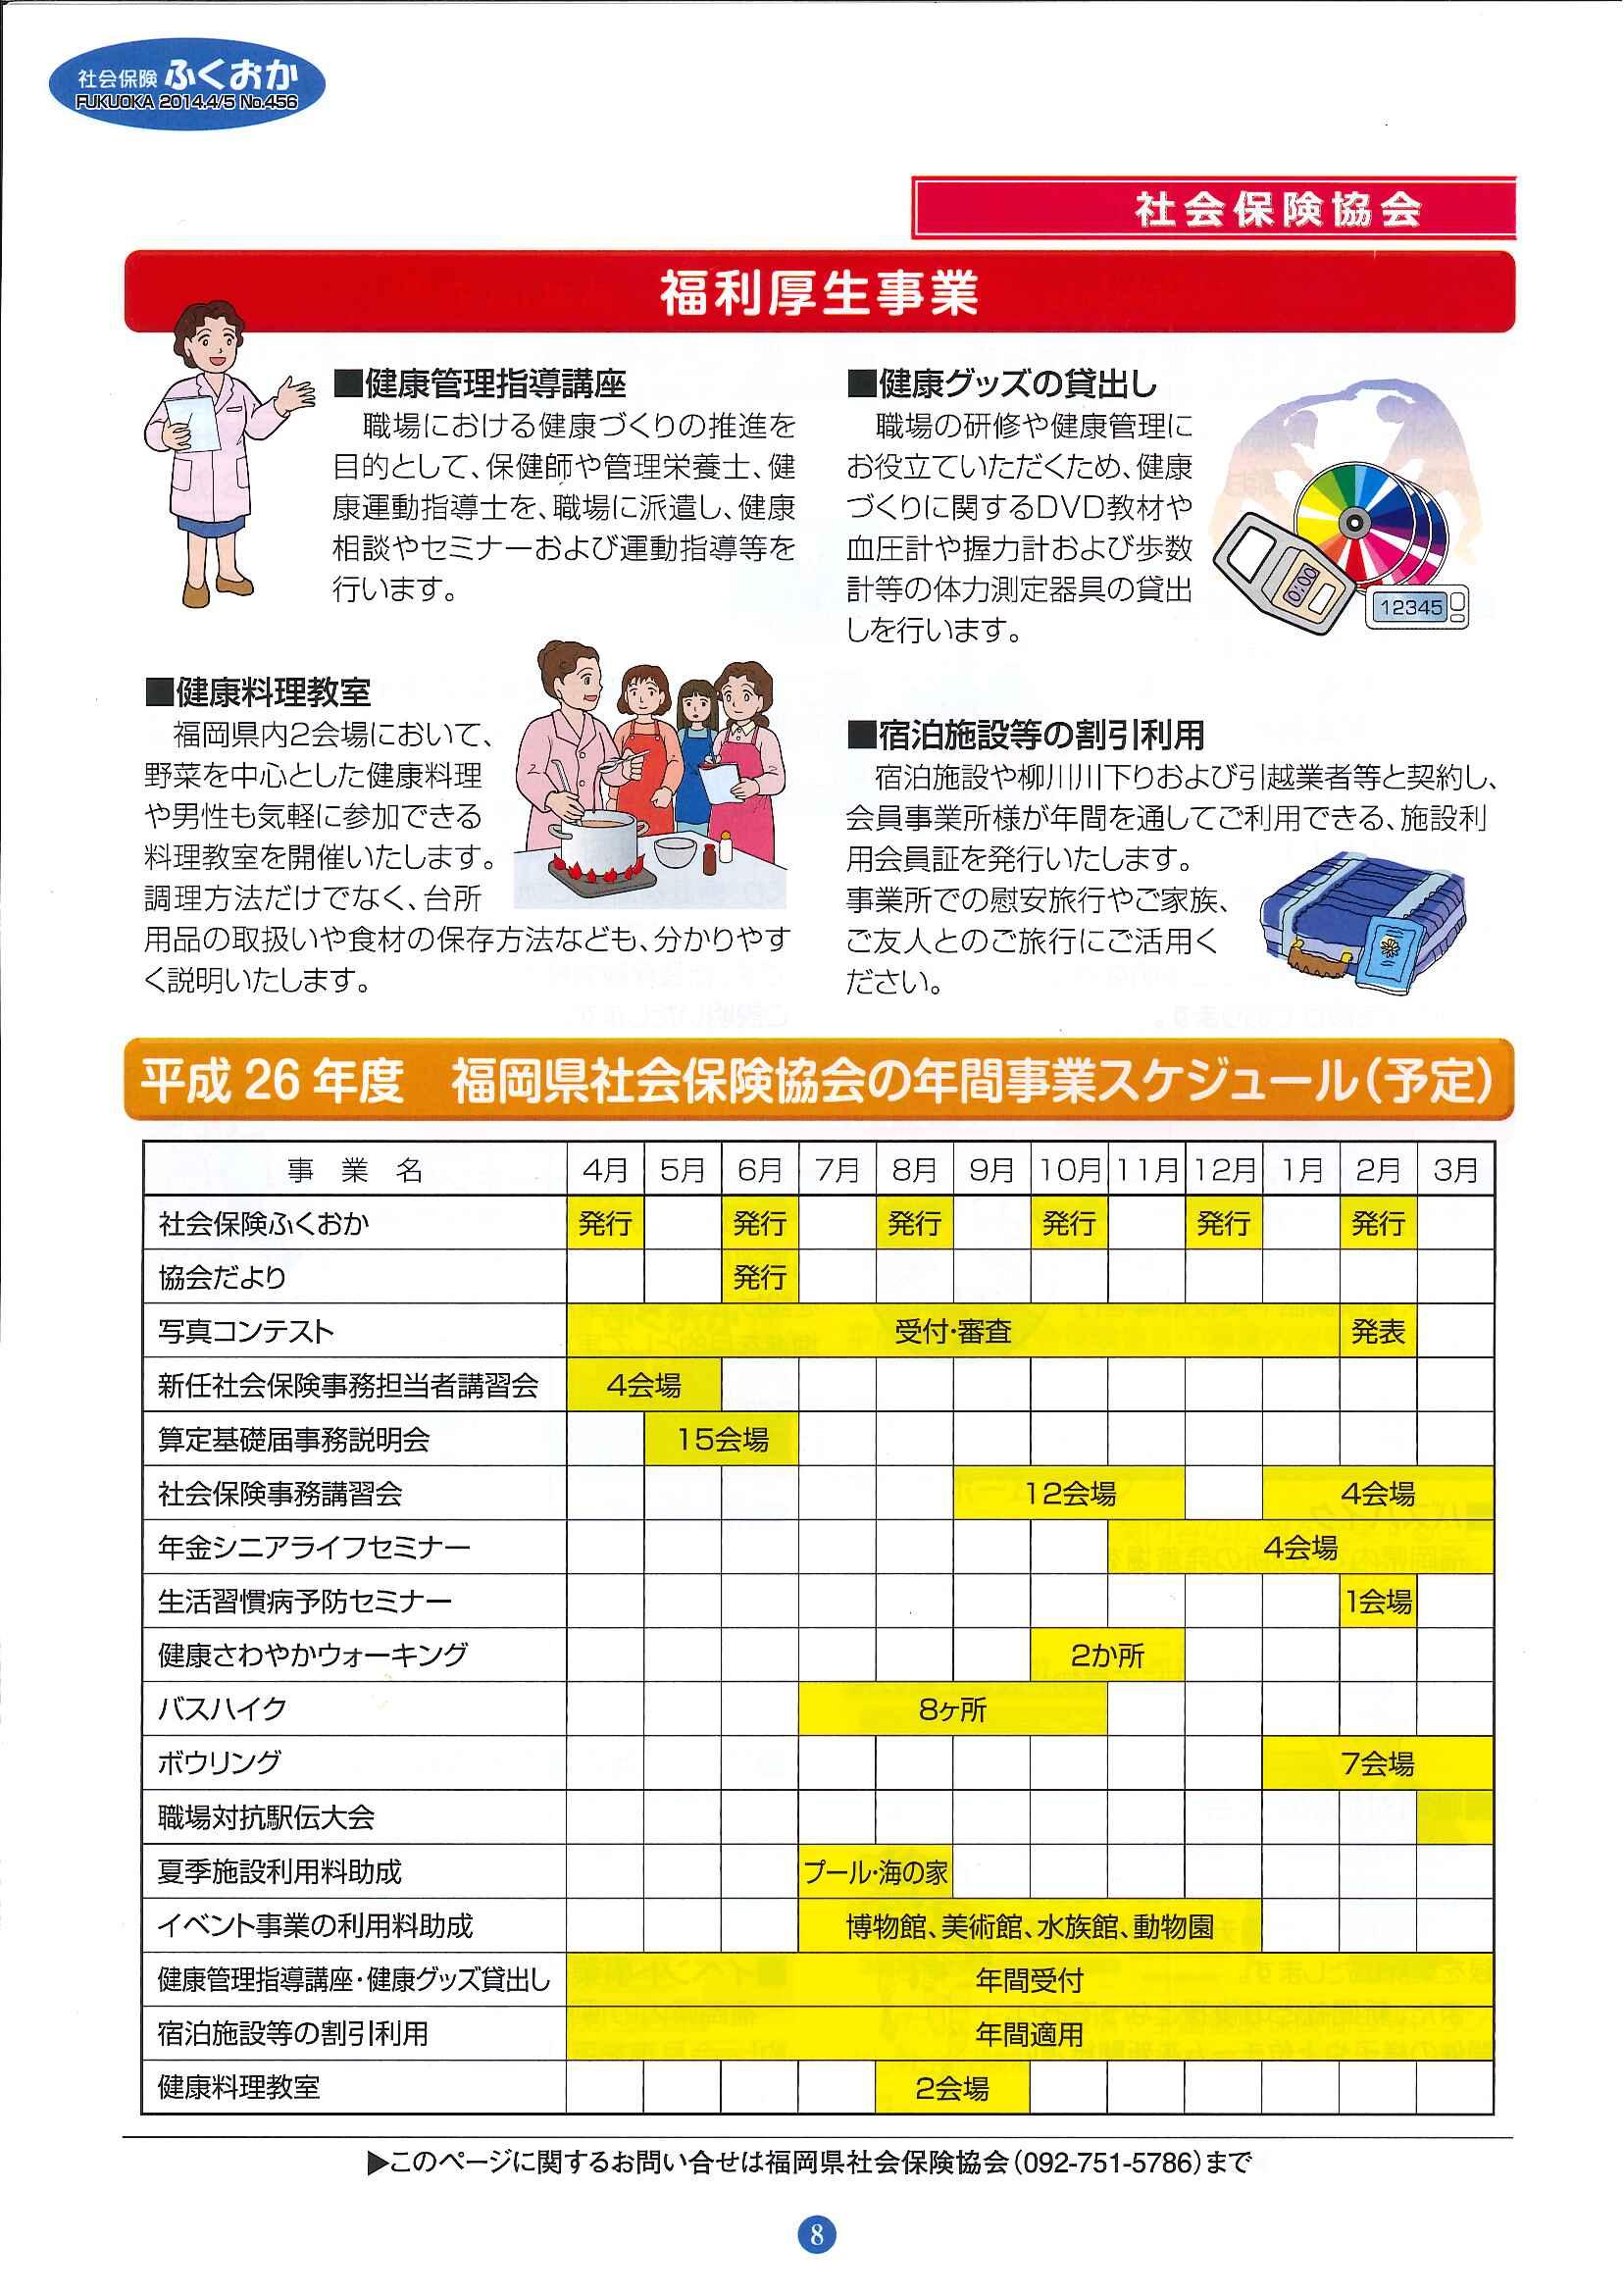 社会保険 ふくおか 2014年4・5月号_f0120774_150116.jpg